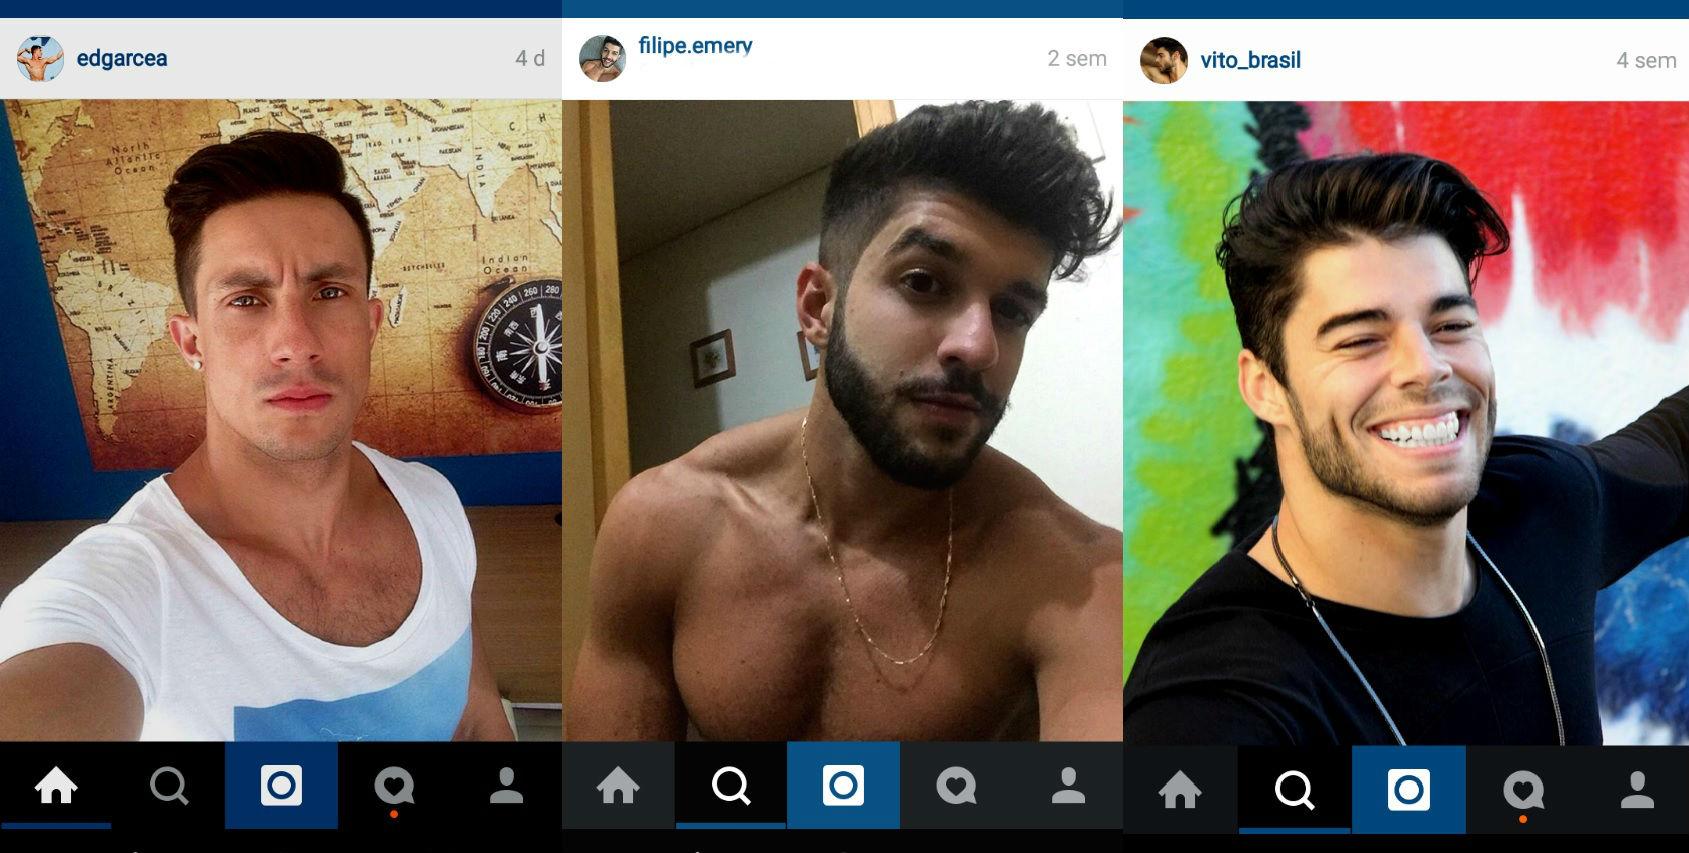 Homem No Espelho - cabelos do Instagram 2.